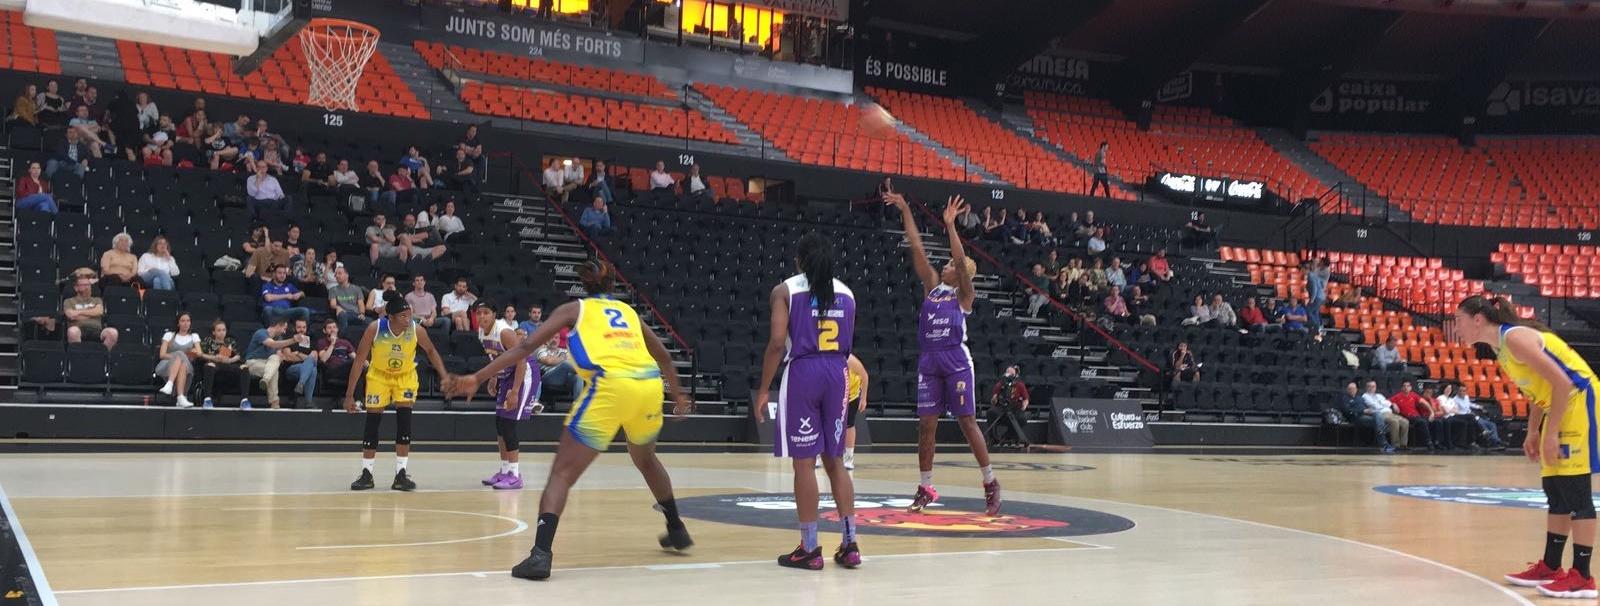 El Clarinos empieza la Fase de Ascenso a Liga Femenina con derrota